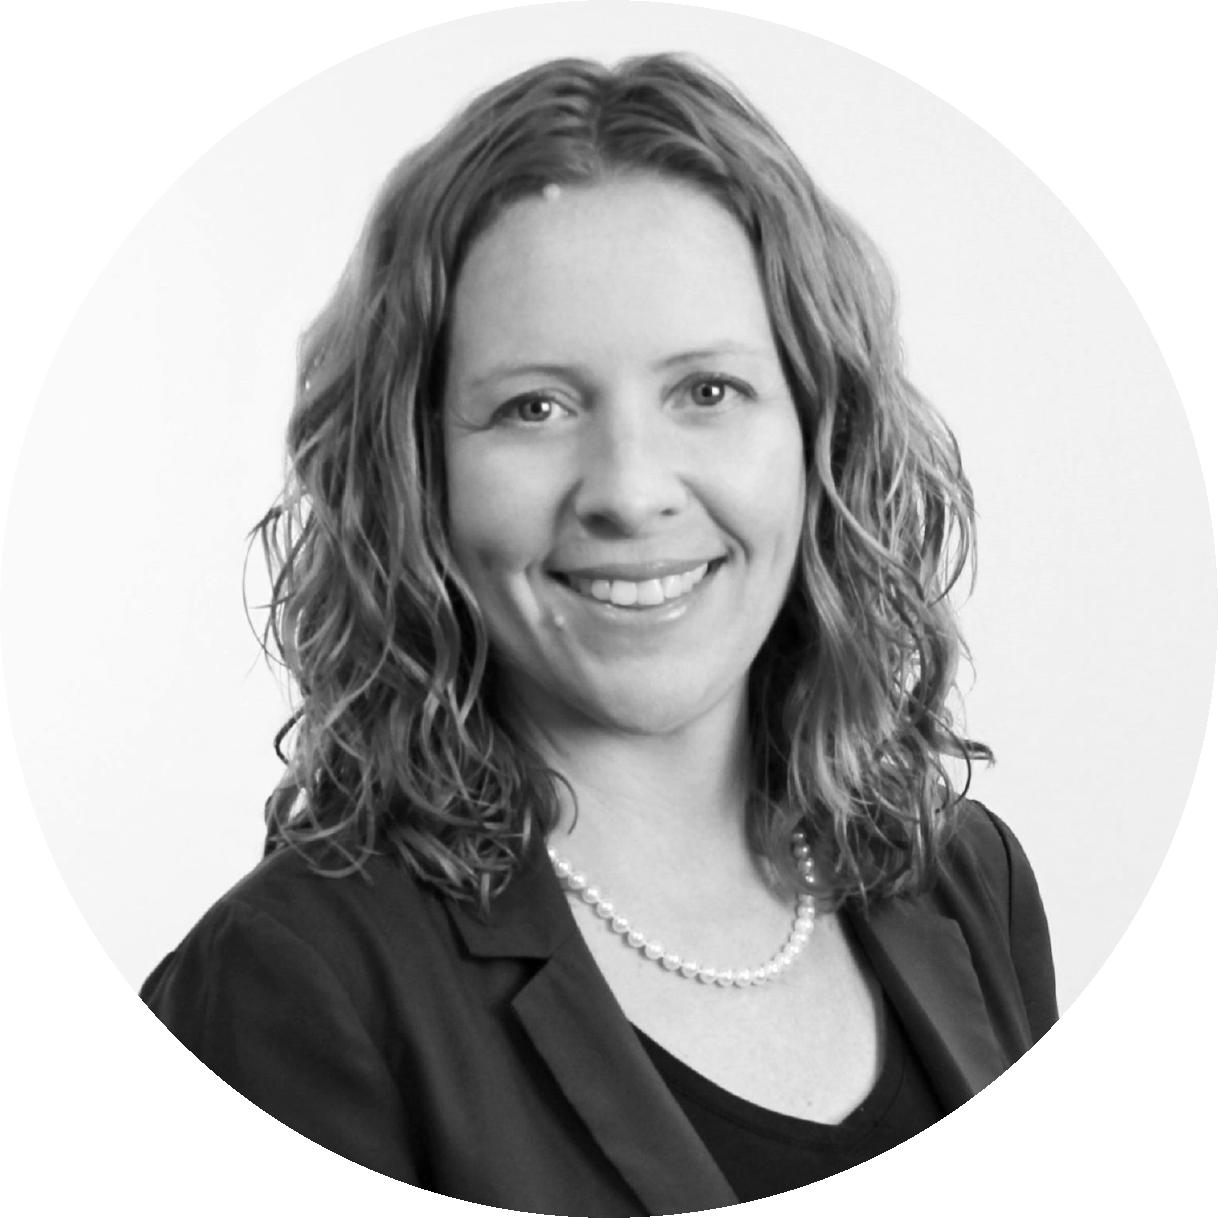 Hannah Yardley, Speaker at Women Impact Tech